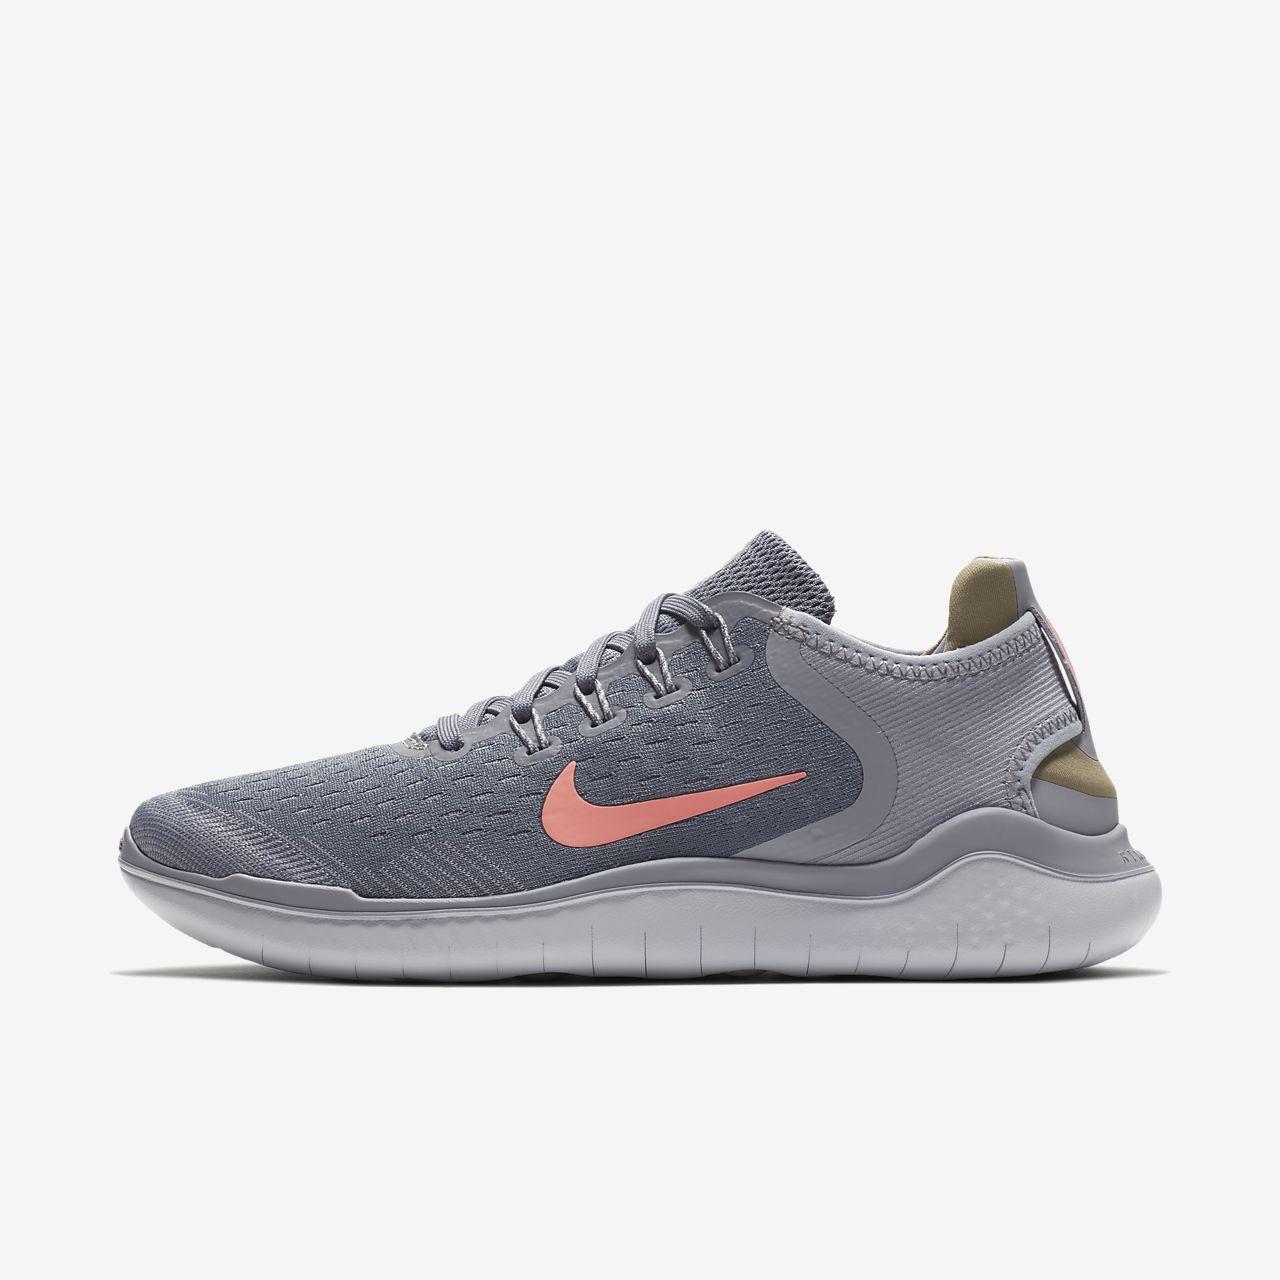 Dames Be Free 2018 Voor Nike Hardloopschoen Rn 4qRzzU